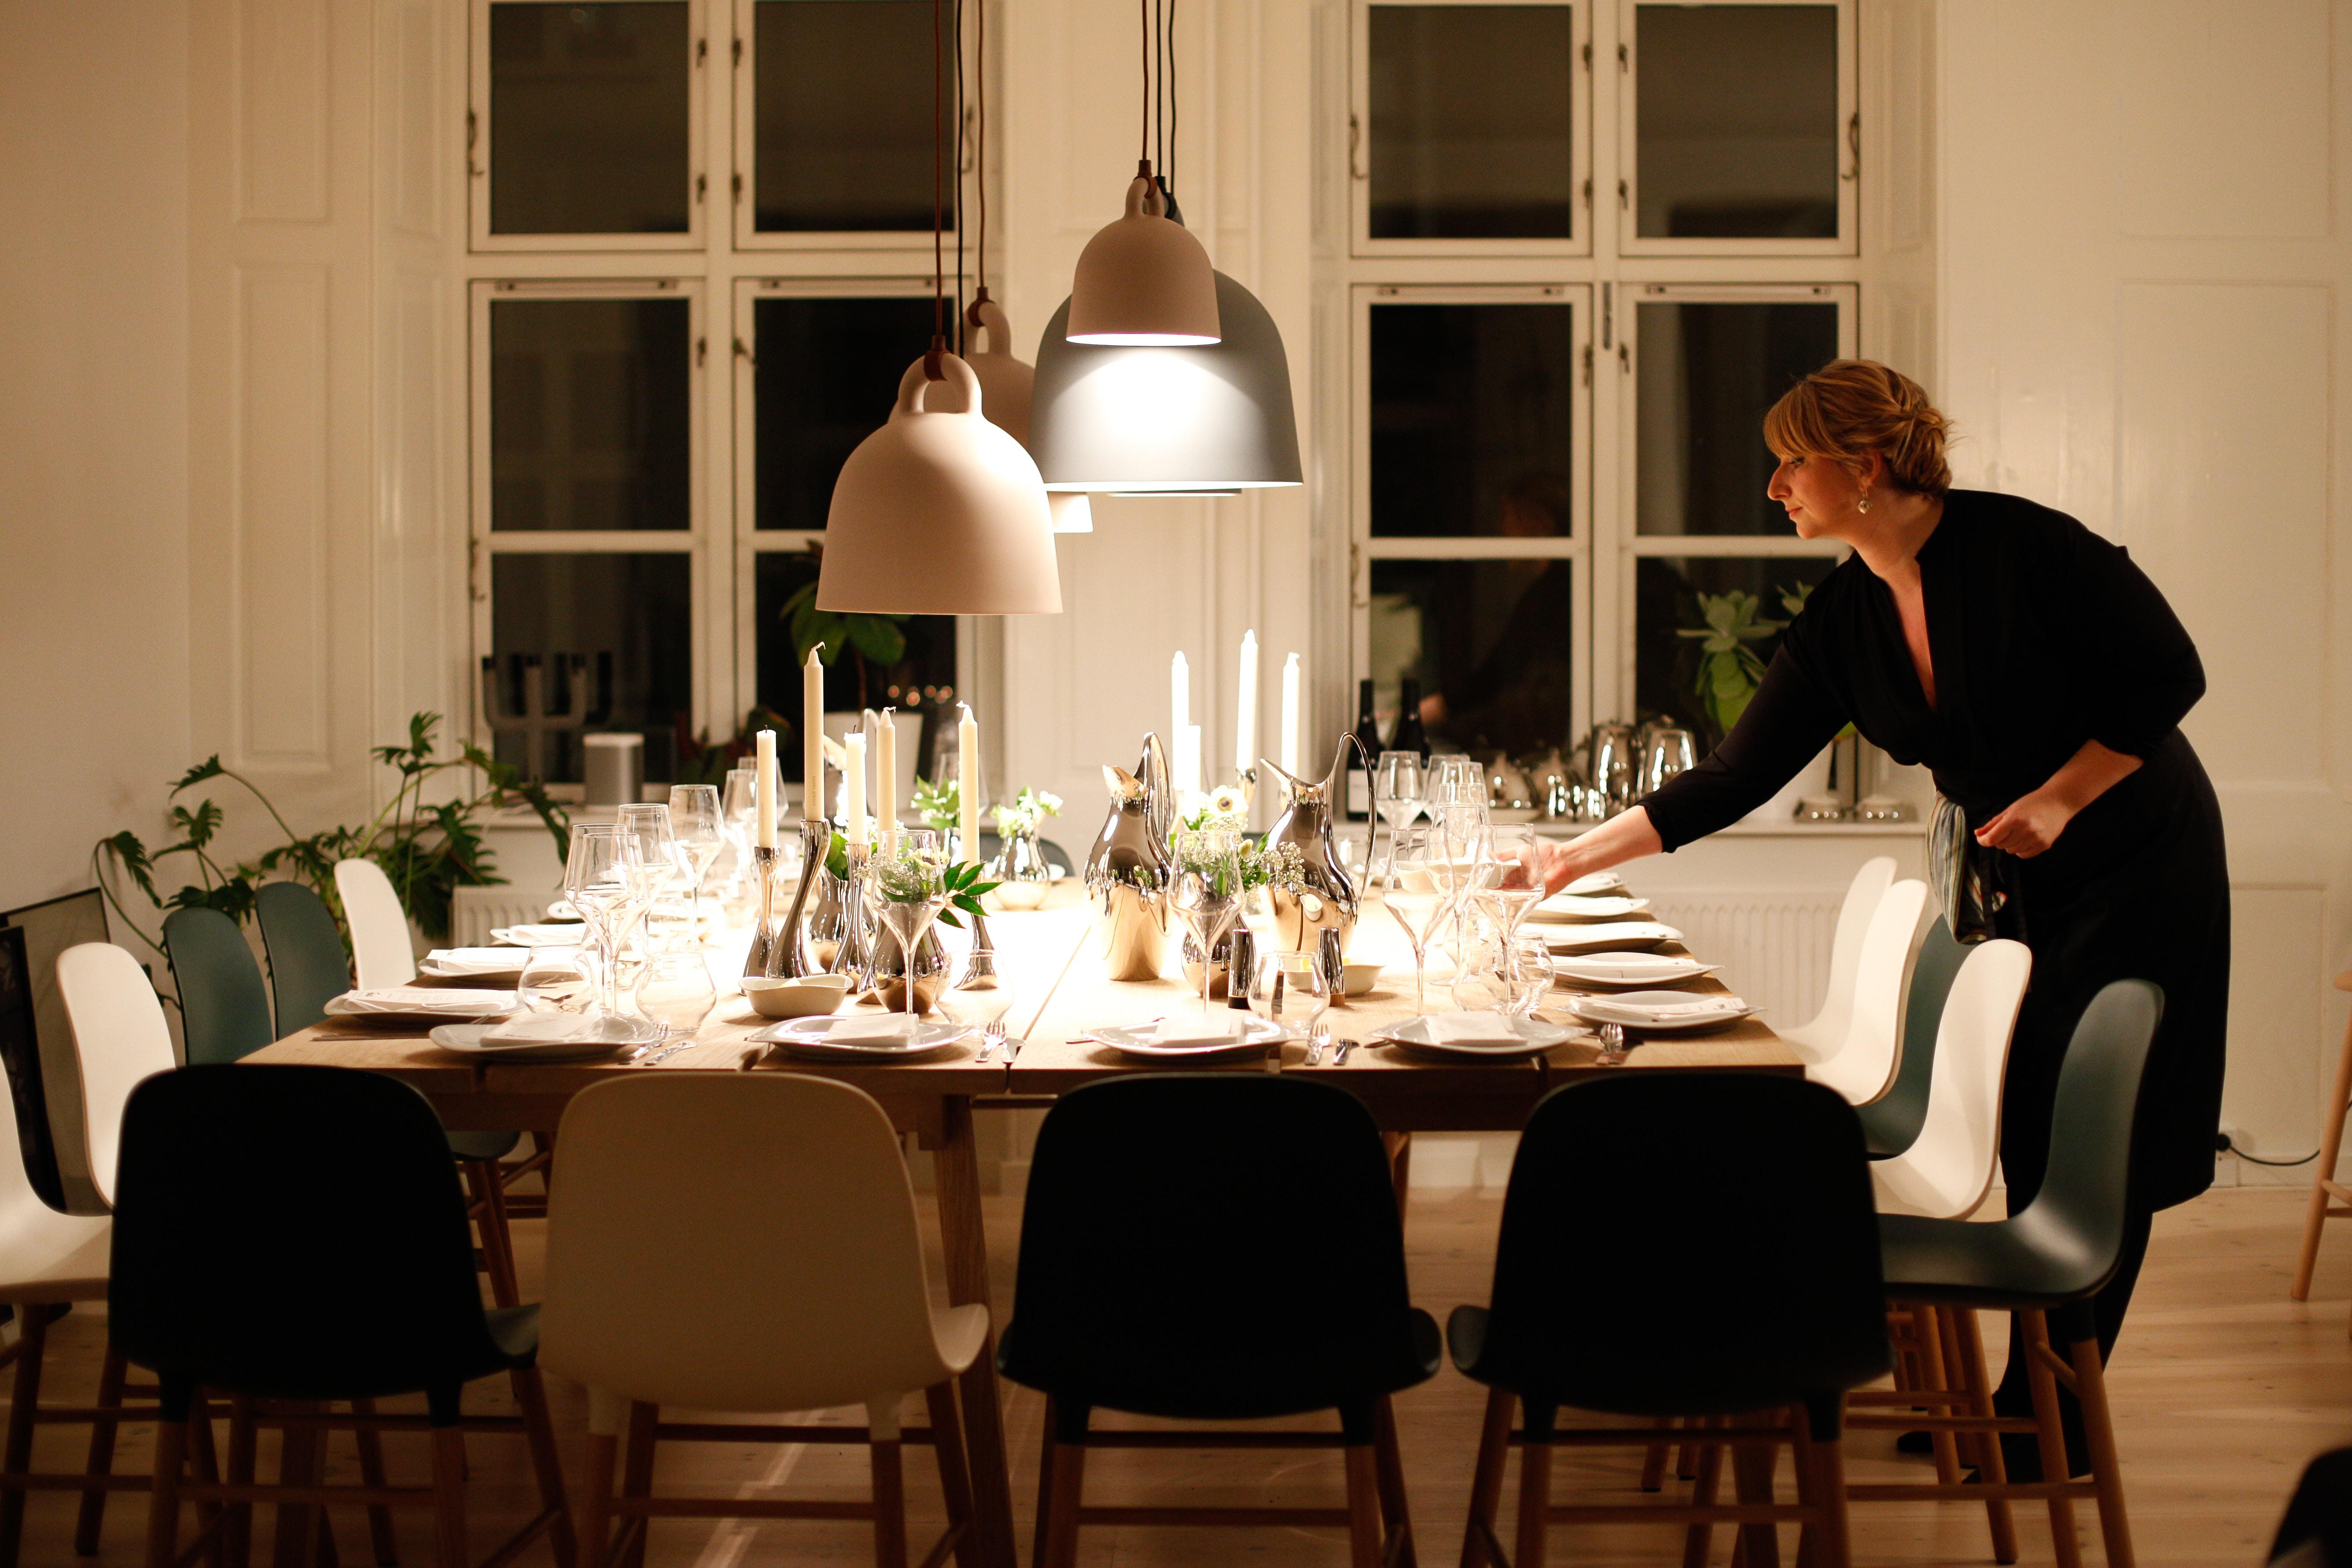 Gratis Afbeeldingen : tafel, bloem, stoel, restaurant, meubilair ...